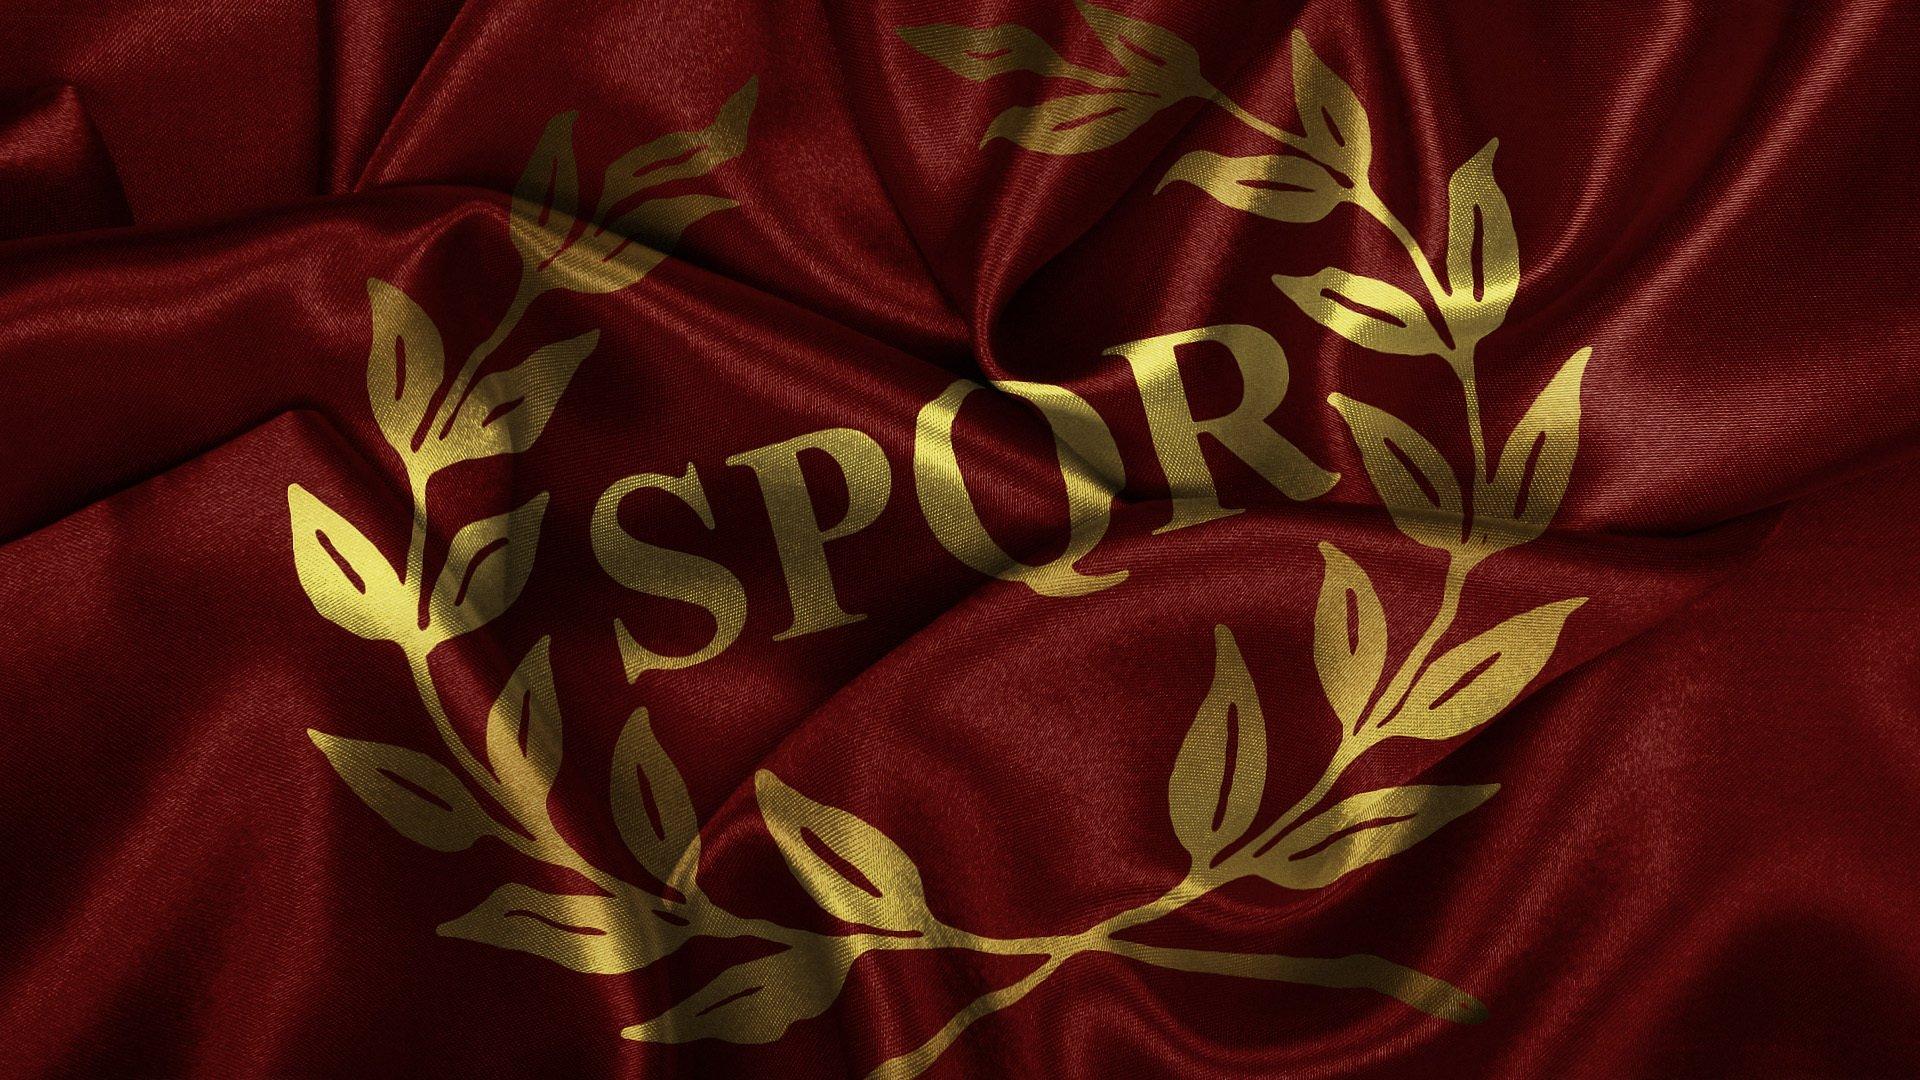 флаг древнего рима картинки представлены